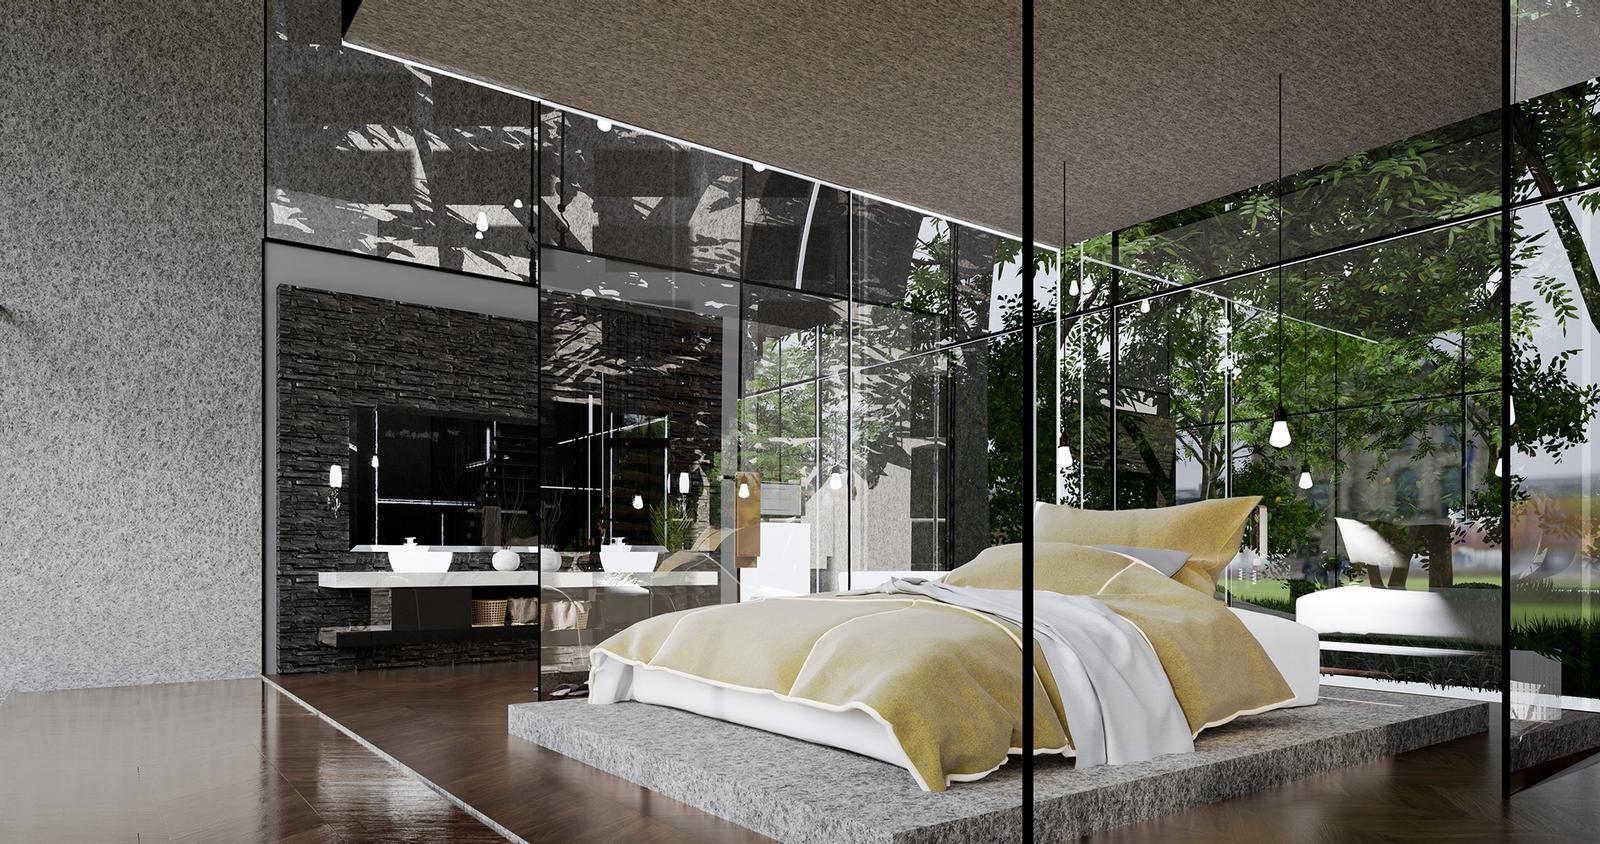 The Park - Interior Bedroom Visualization ( SketchUp + D5 render )